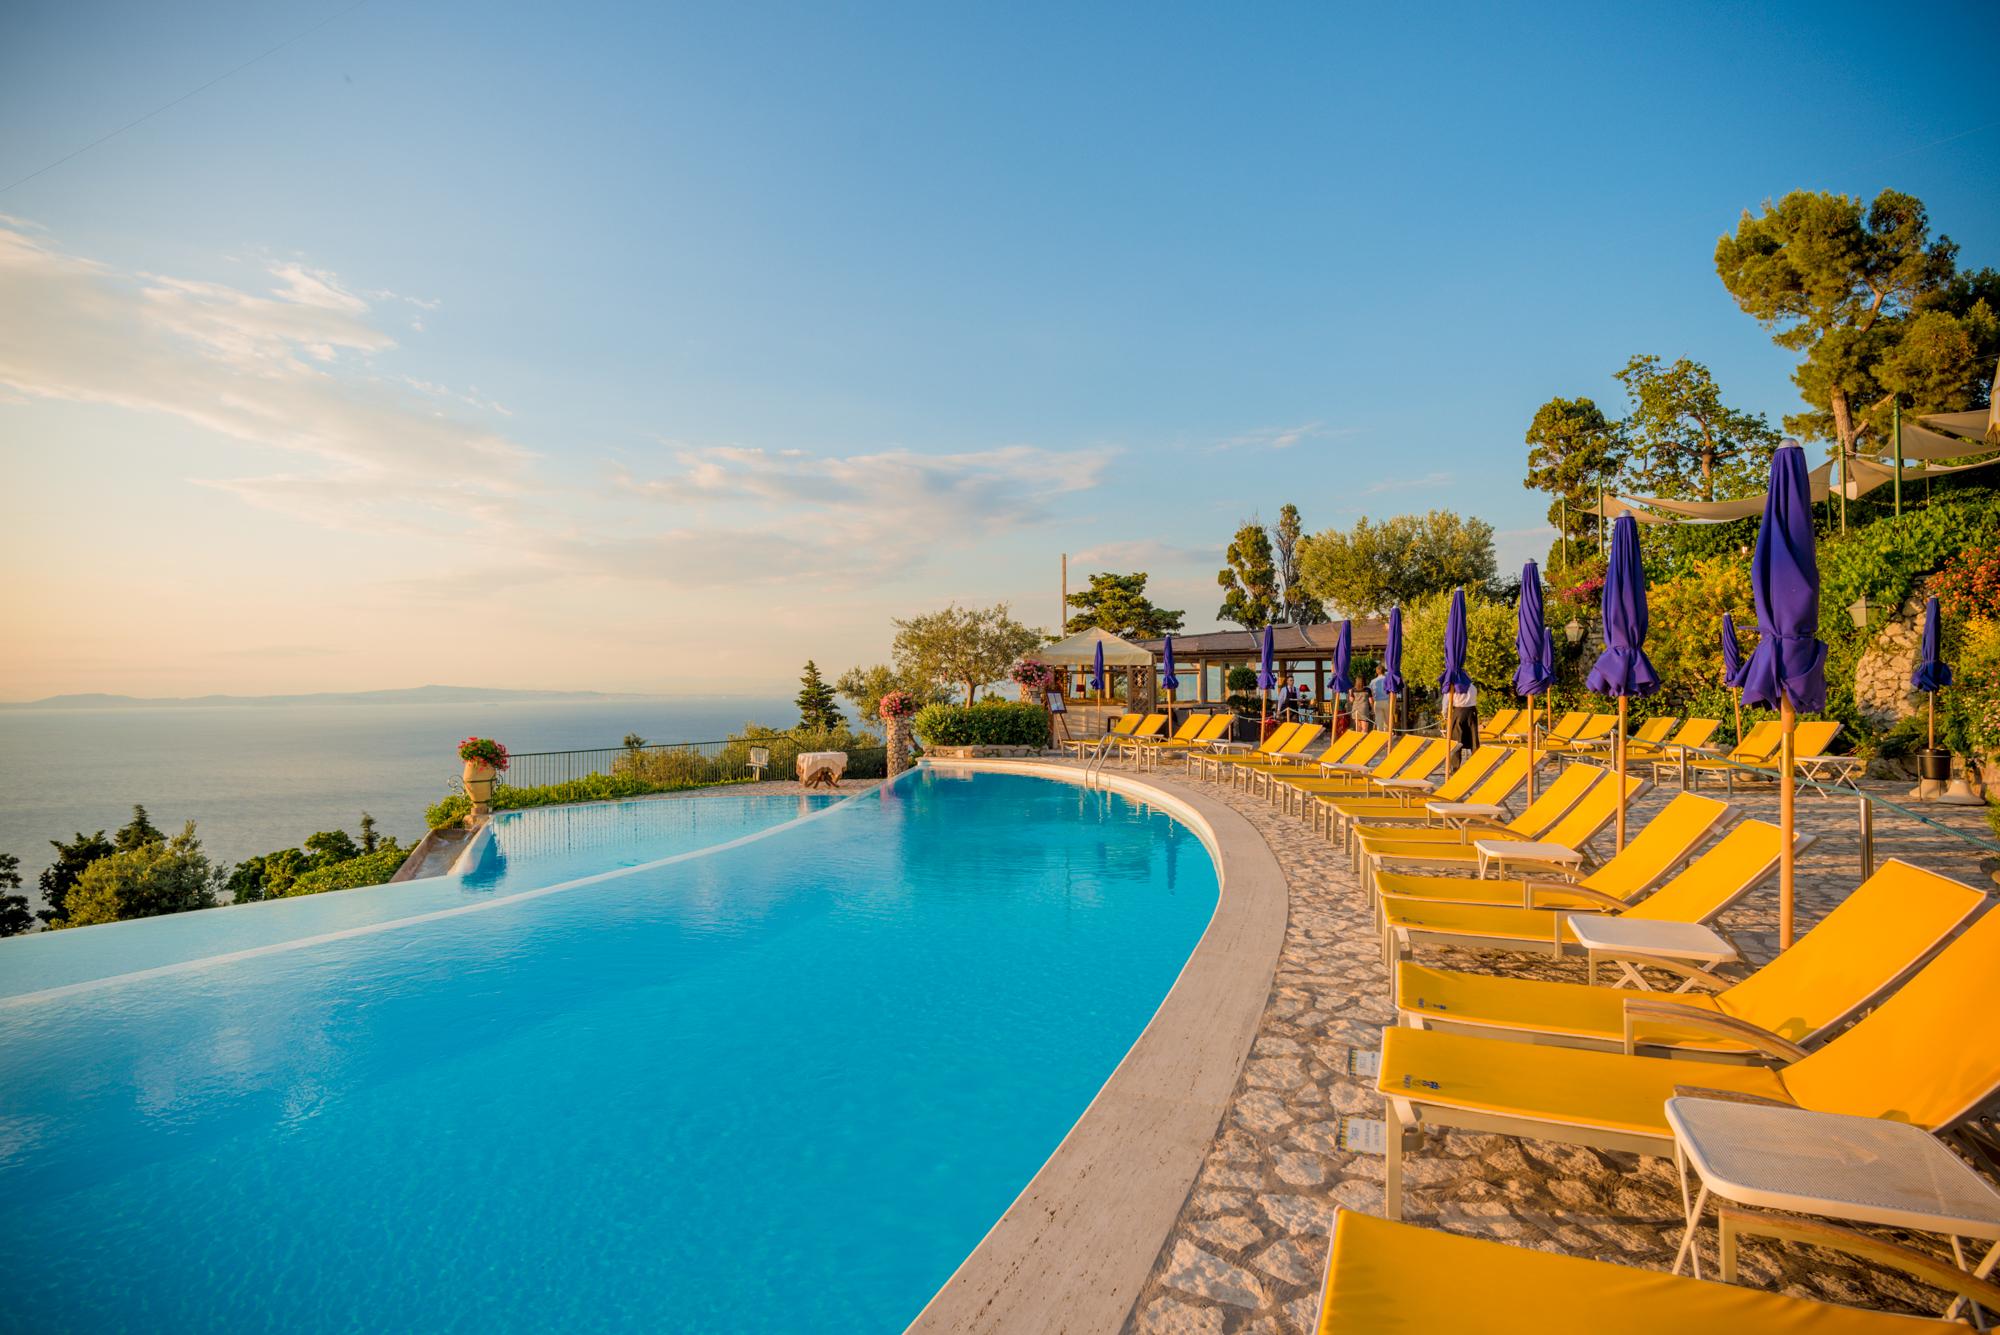 Foto piscina Hotel Caesar Augustus Anacapri